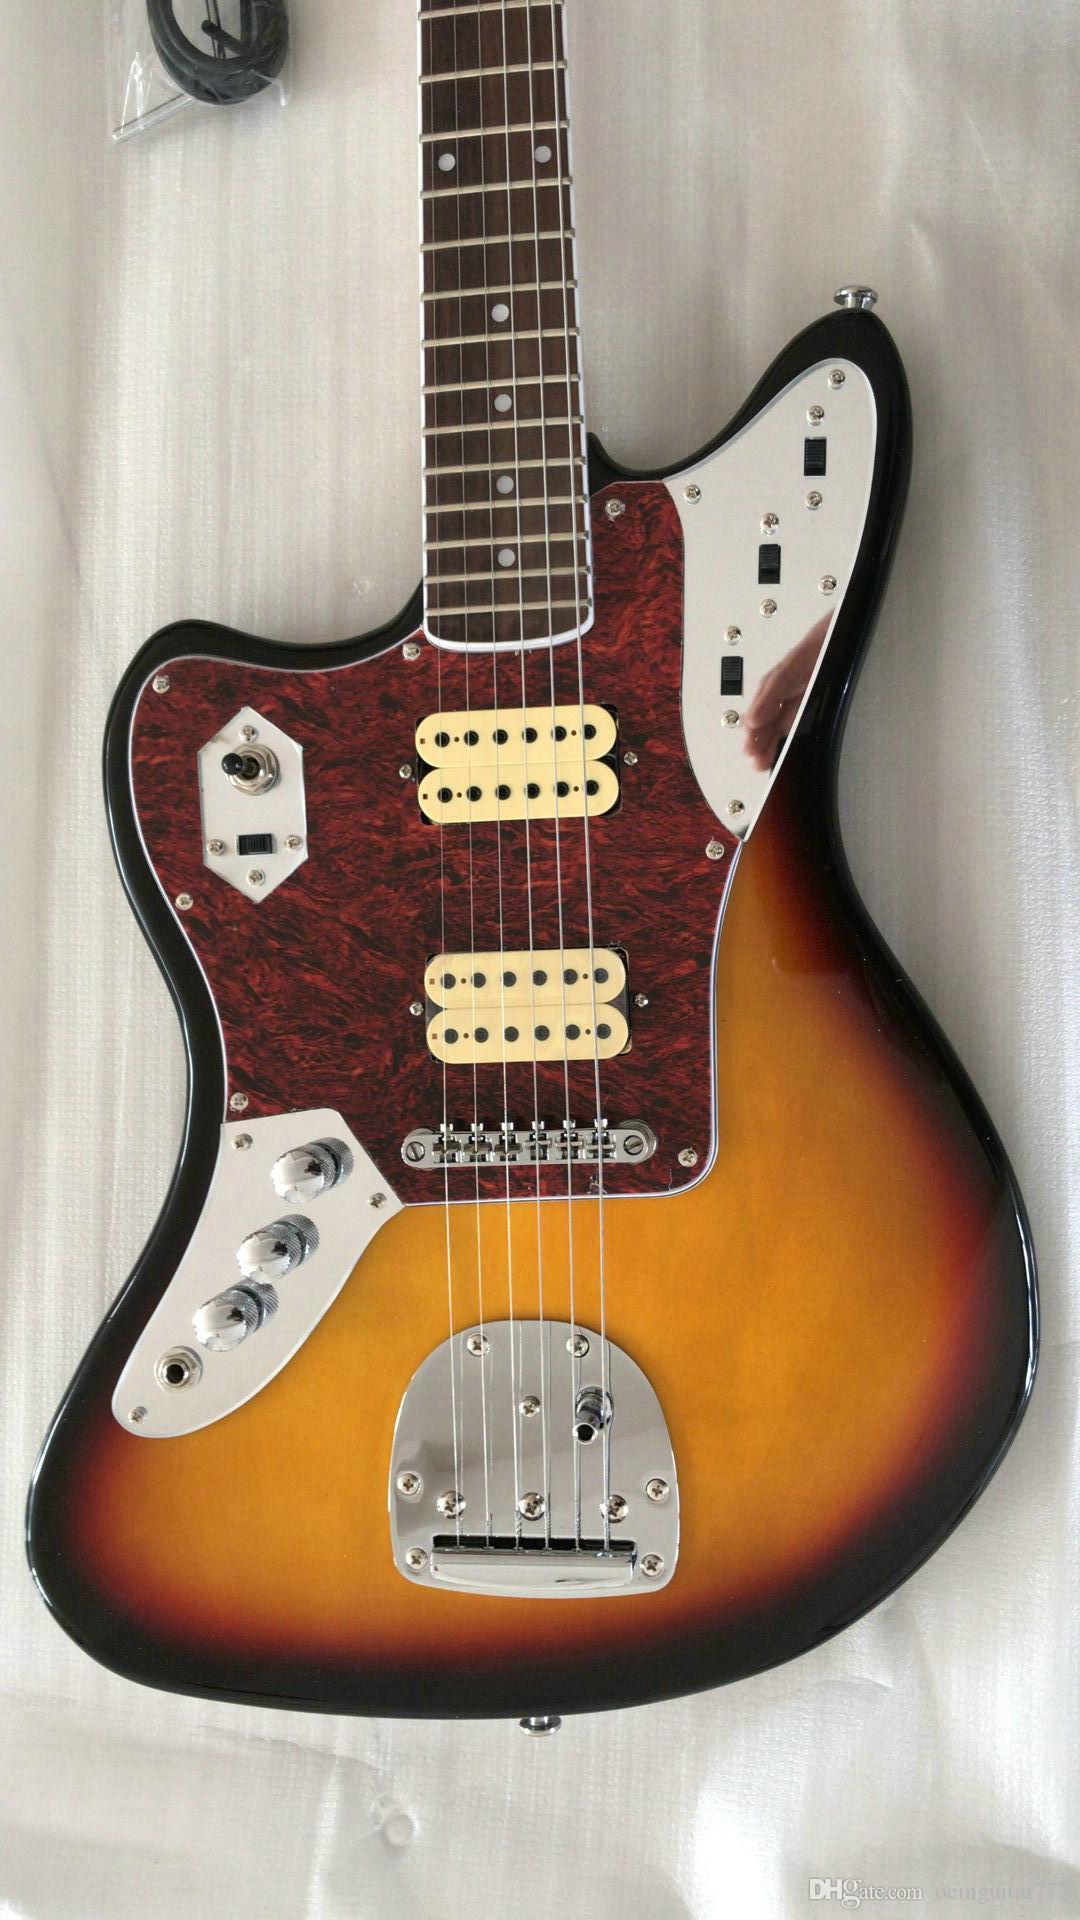 왼쪽 손으로 꿀은 일렉트릭 기타 로즈 우드 핑거 보드 높은 품질 도매 기타 버스트